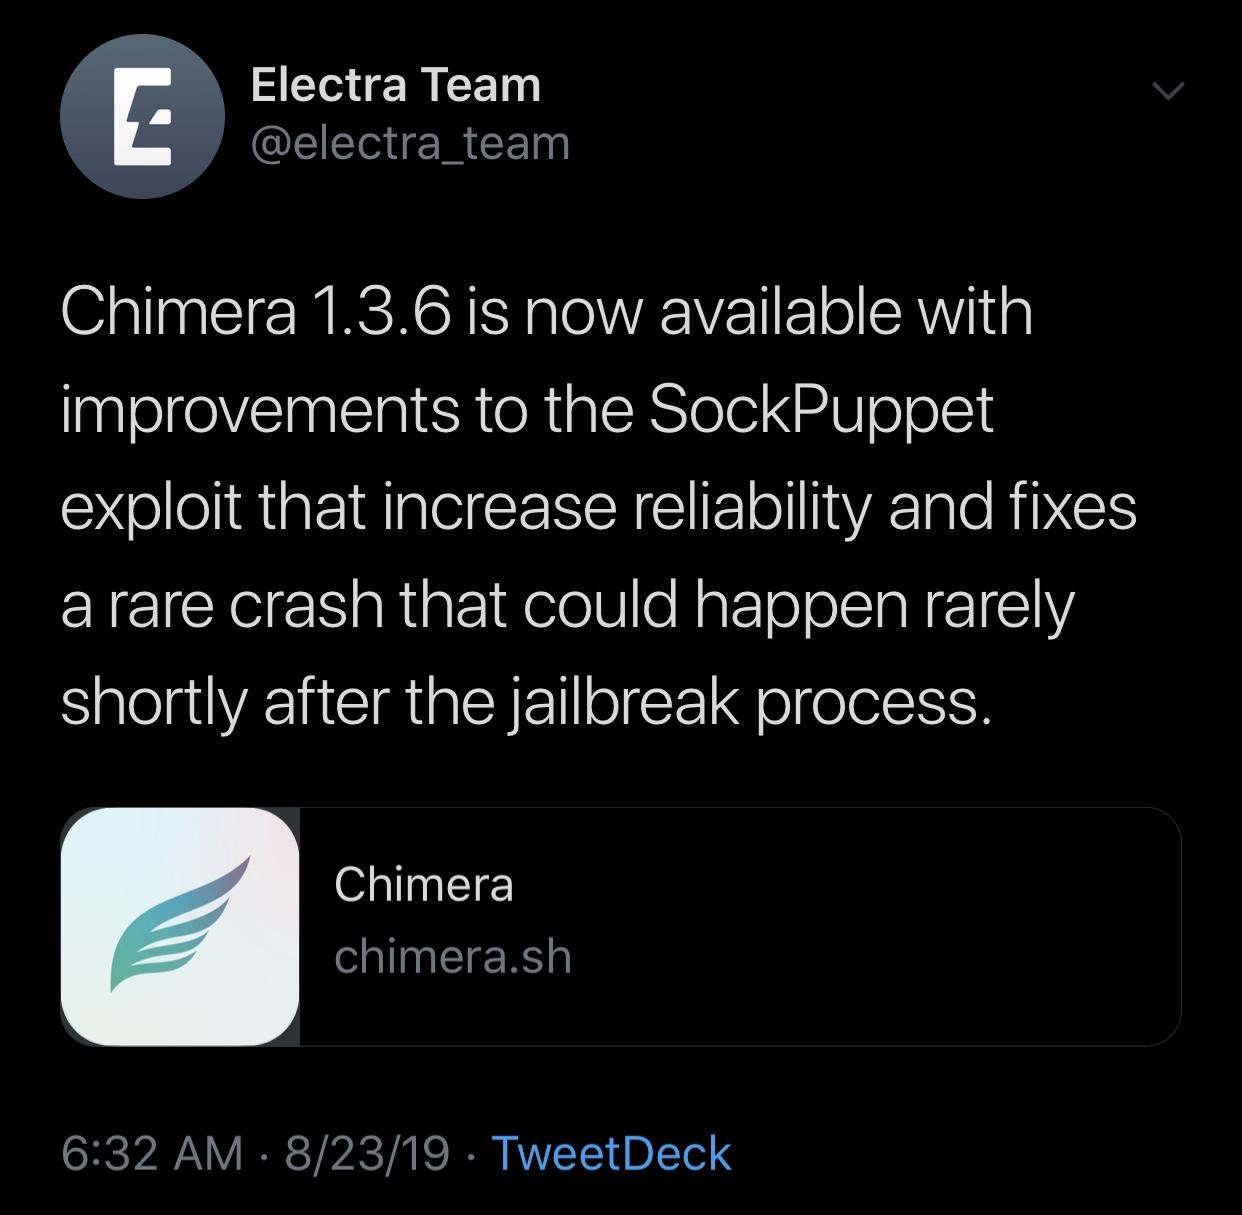 تم إصدار Chimera v1.3.6 مع تحسينات موثوقية Sock Puppet وإصلاح الأعطال 2